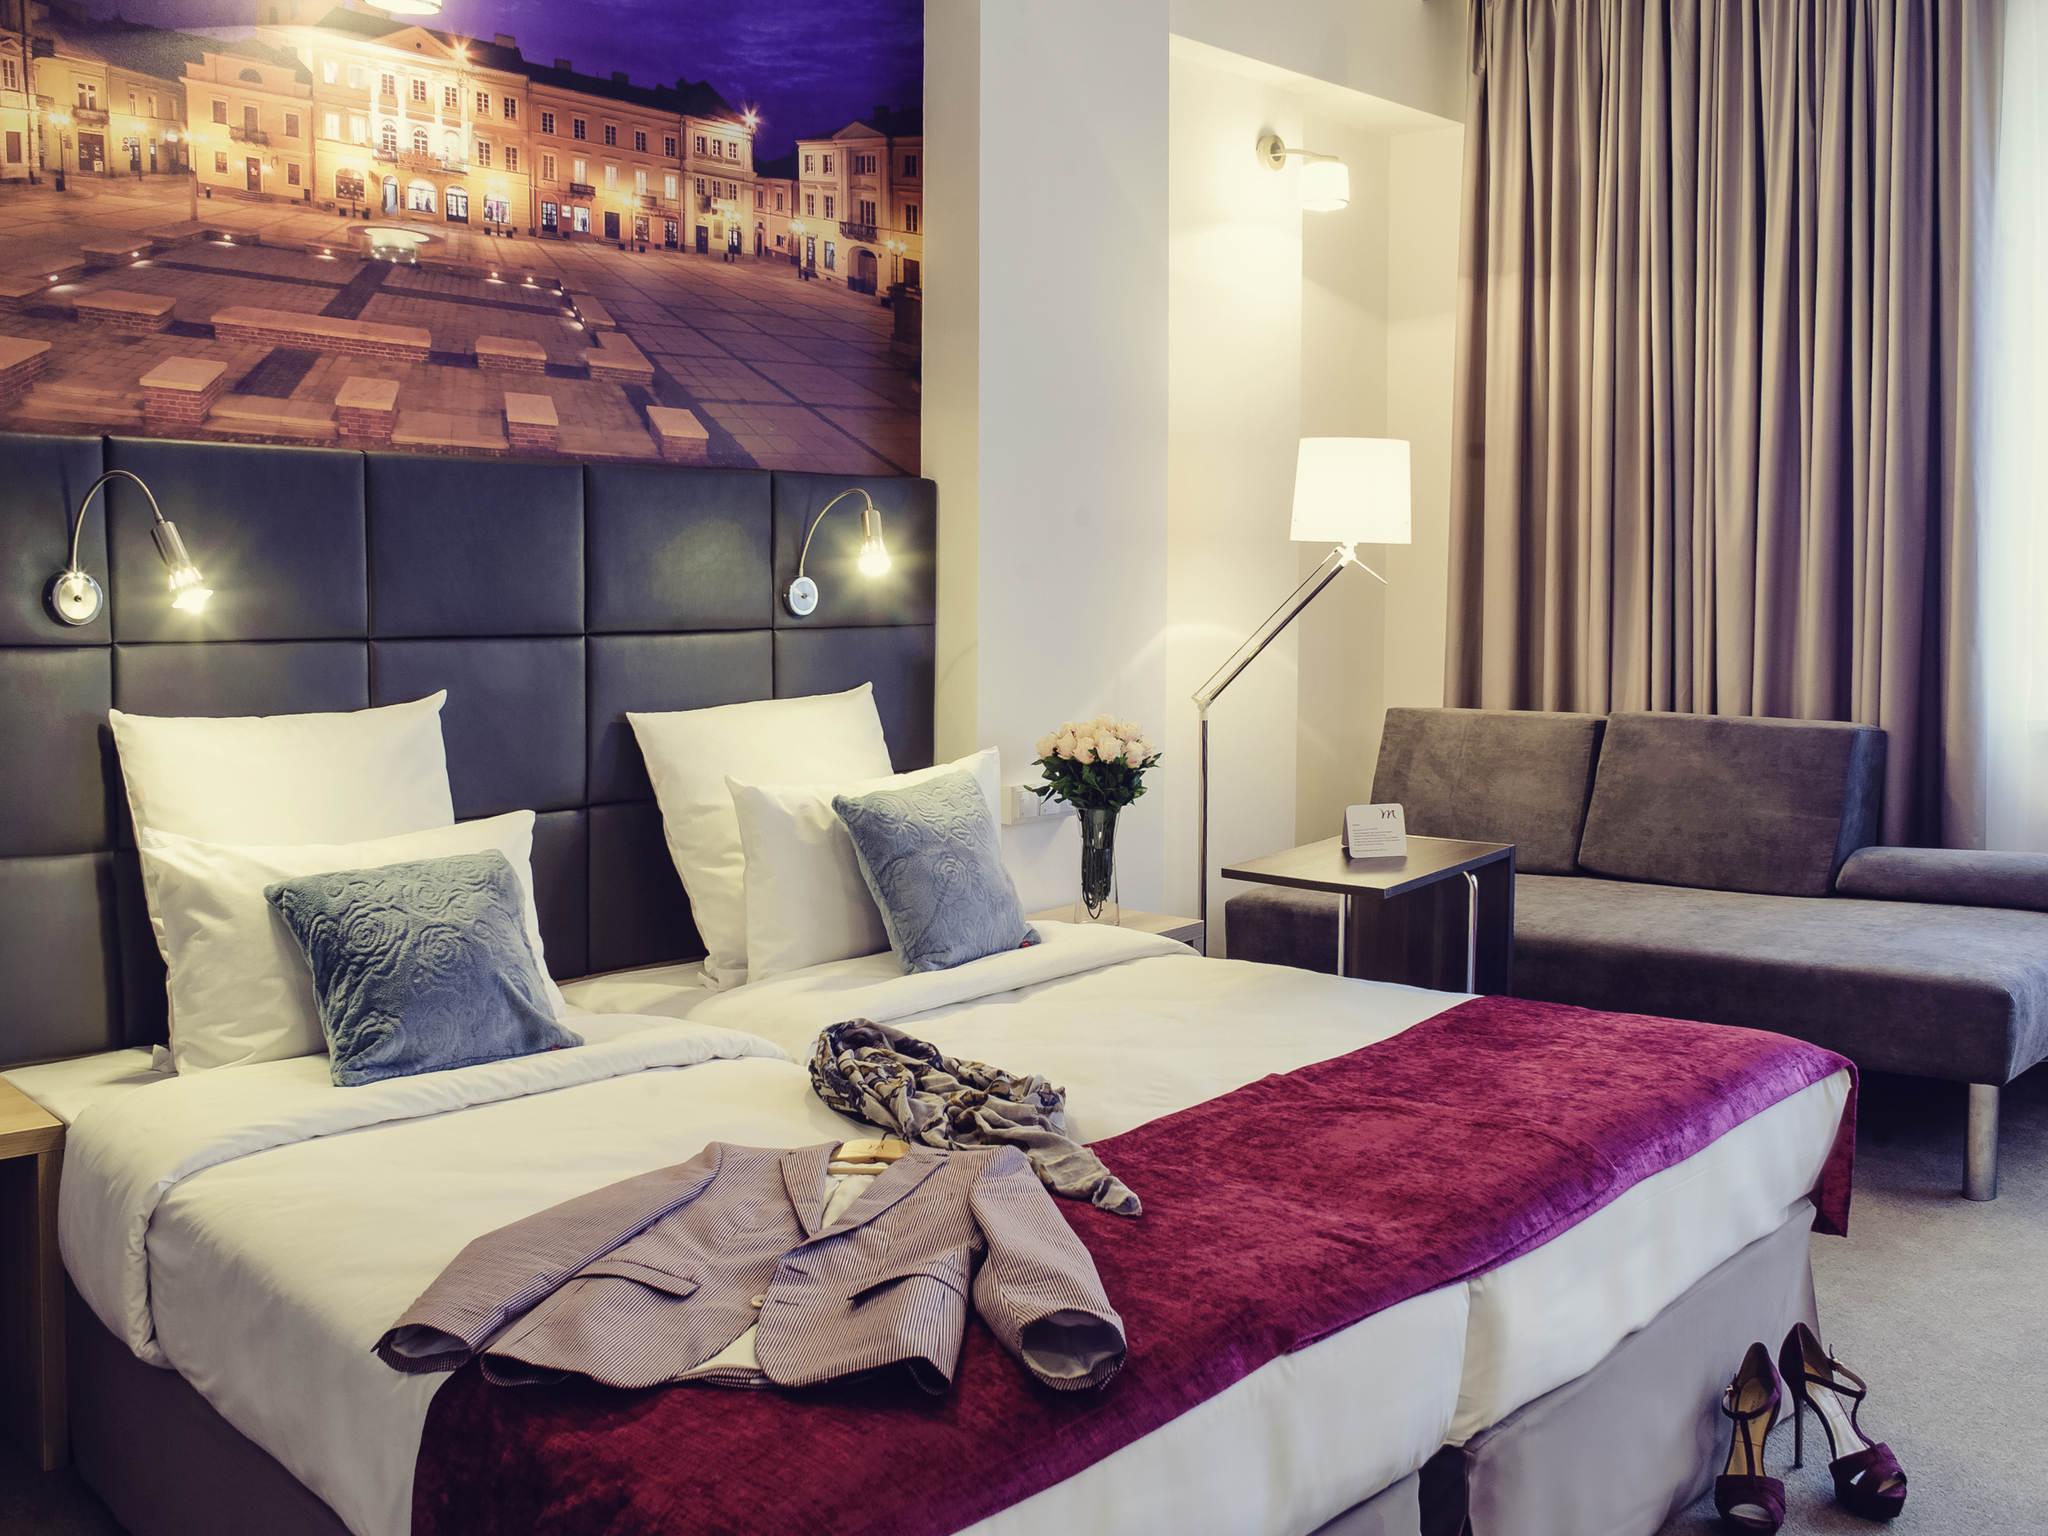 فندق - Hotel Mercure Piotrkow Trybunalski Vestil